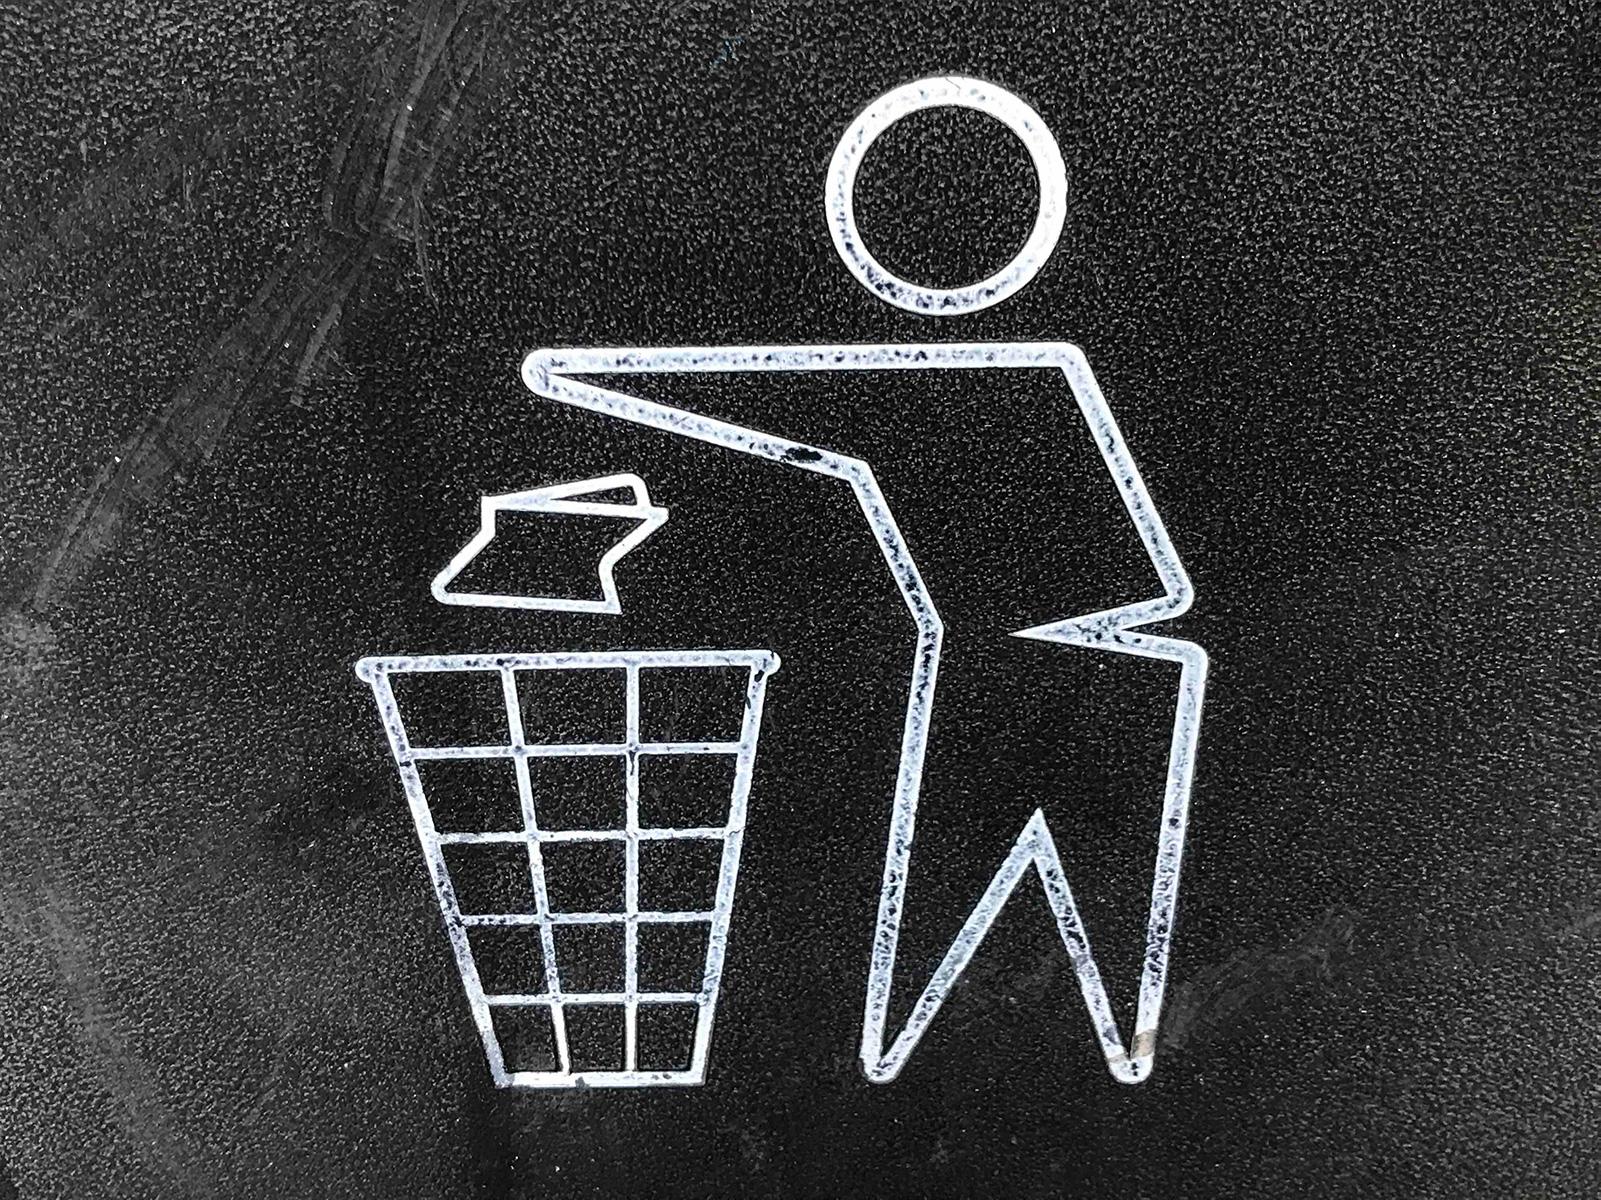 Ecosimply